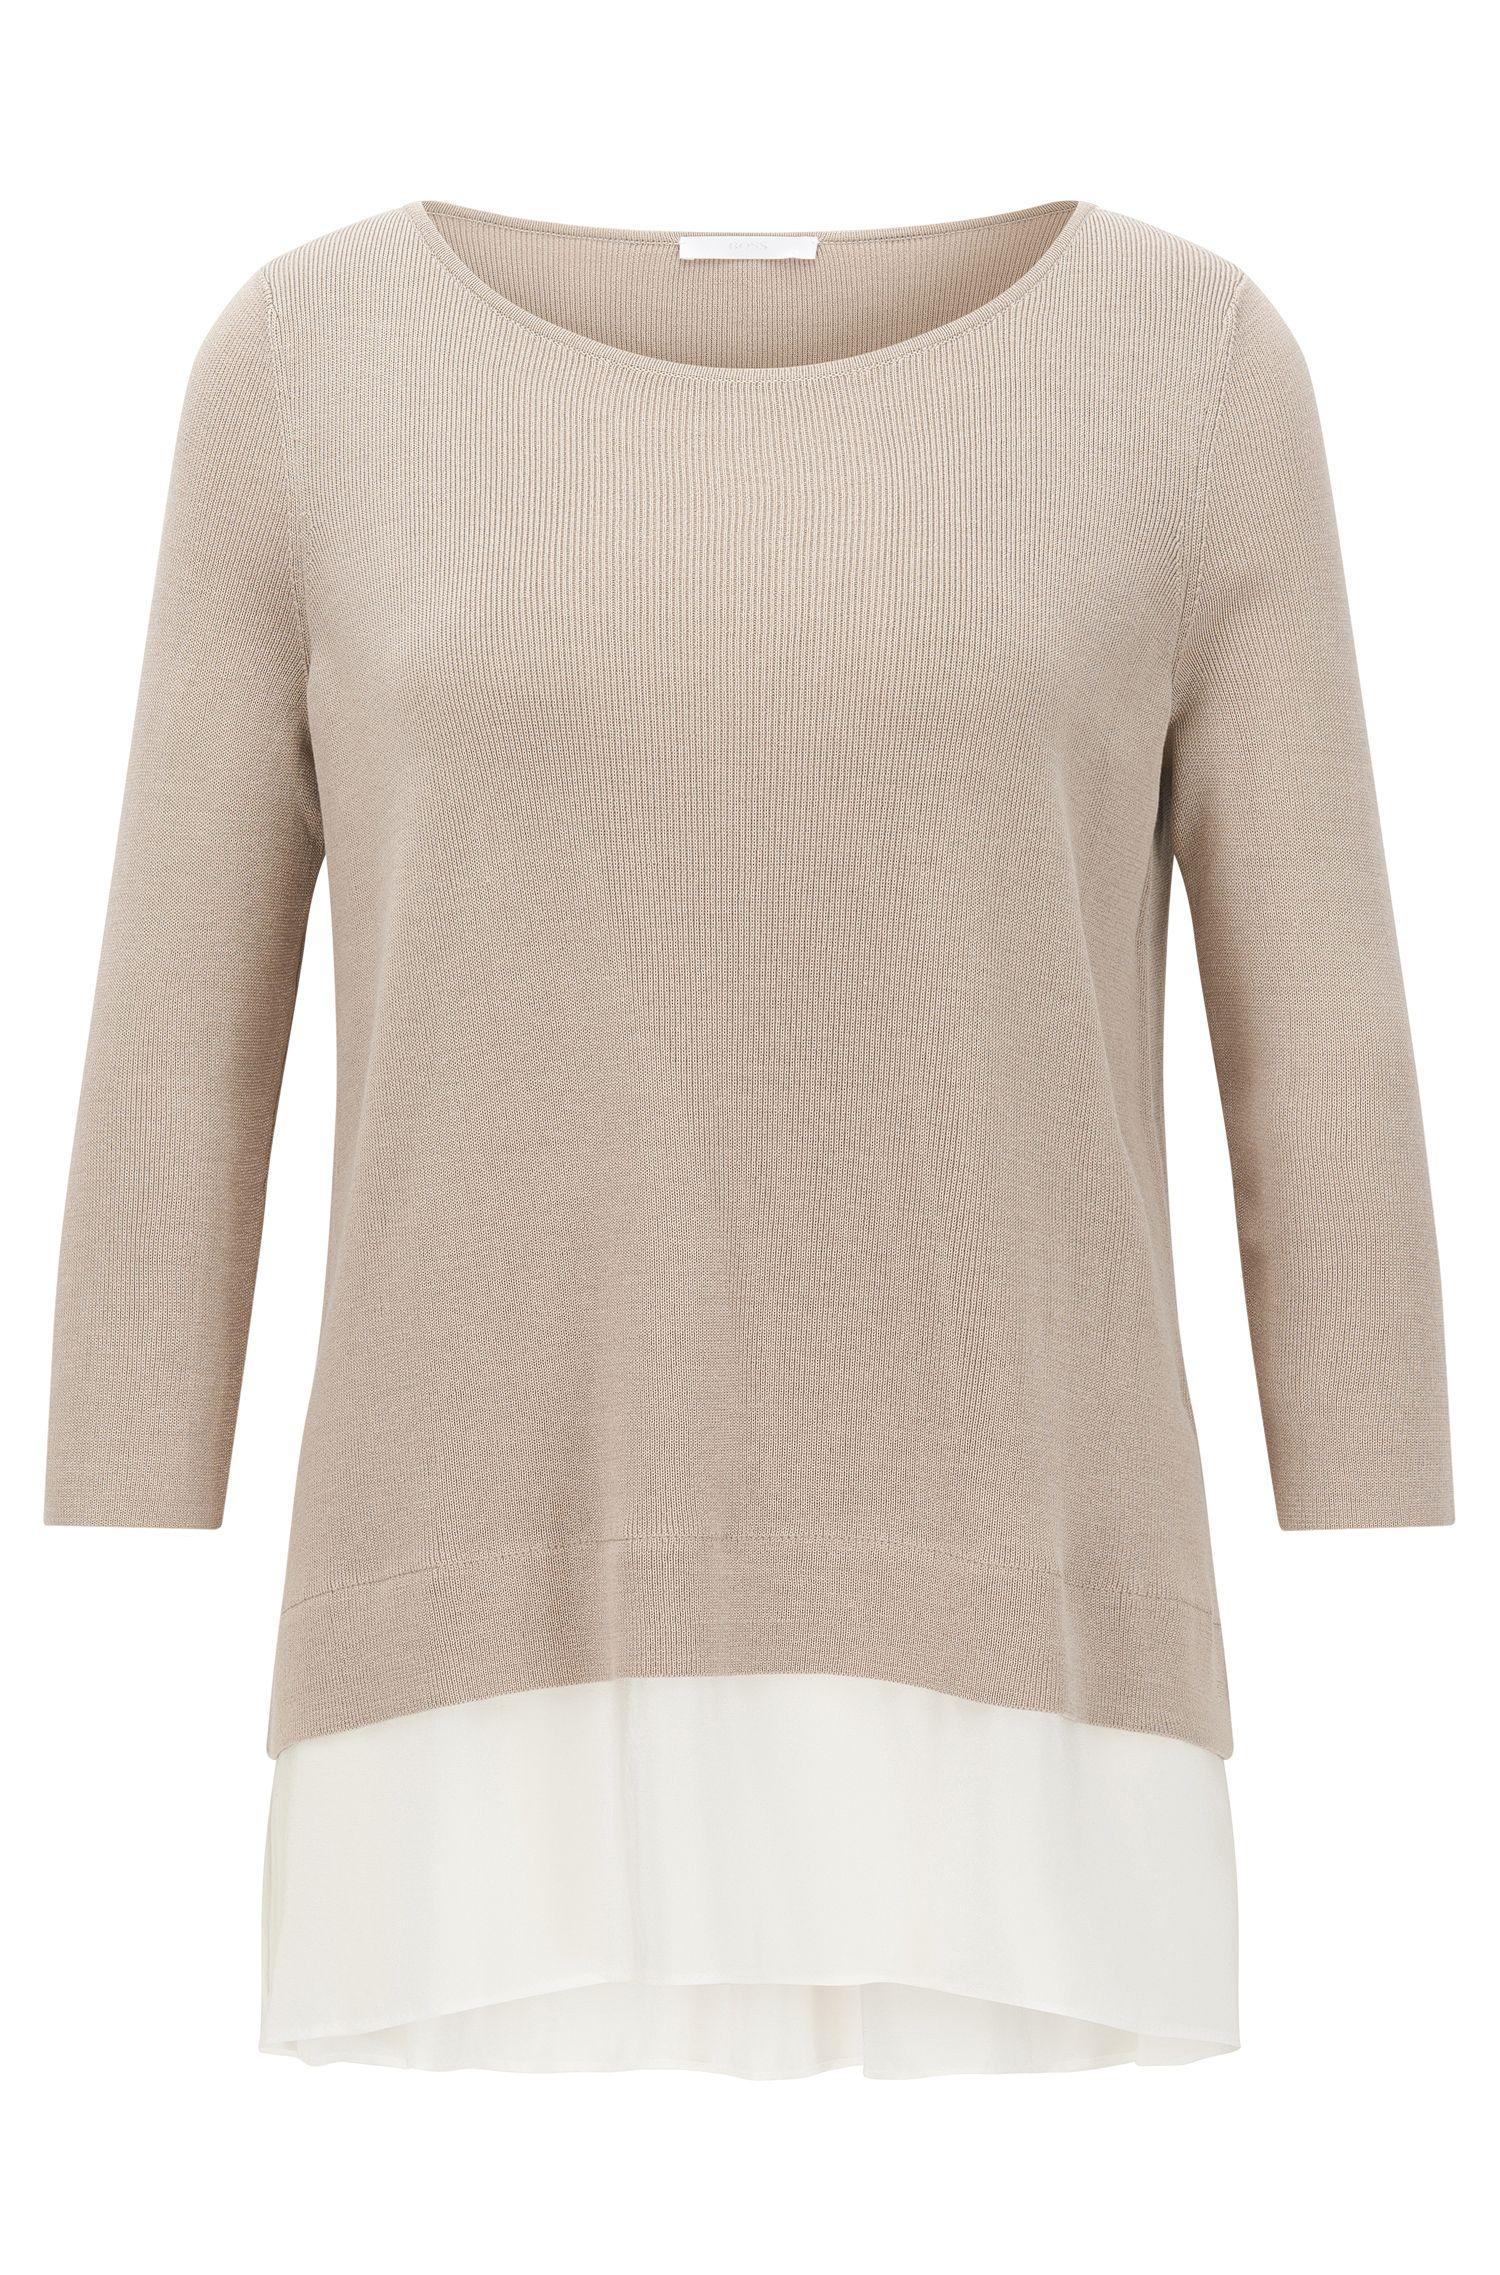 'Filia' | Silk Trim Stretch Cotton Blend Top